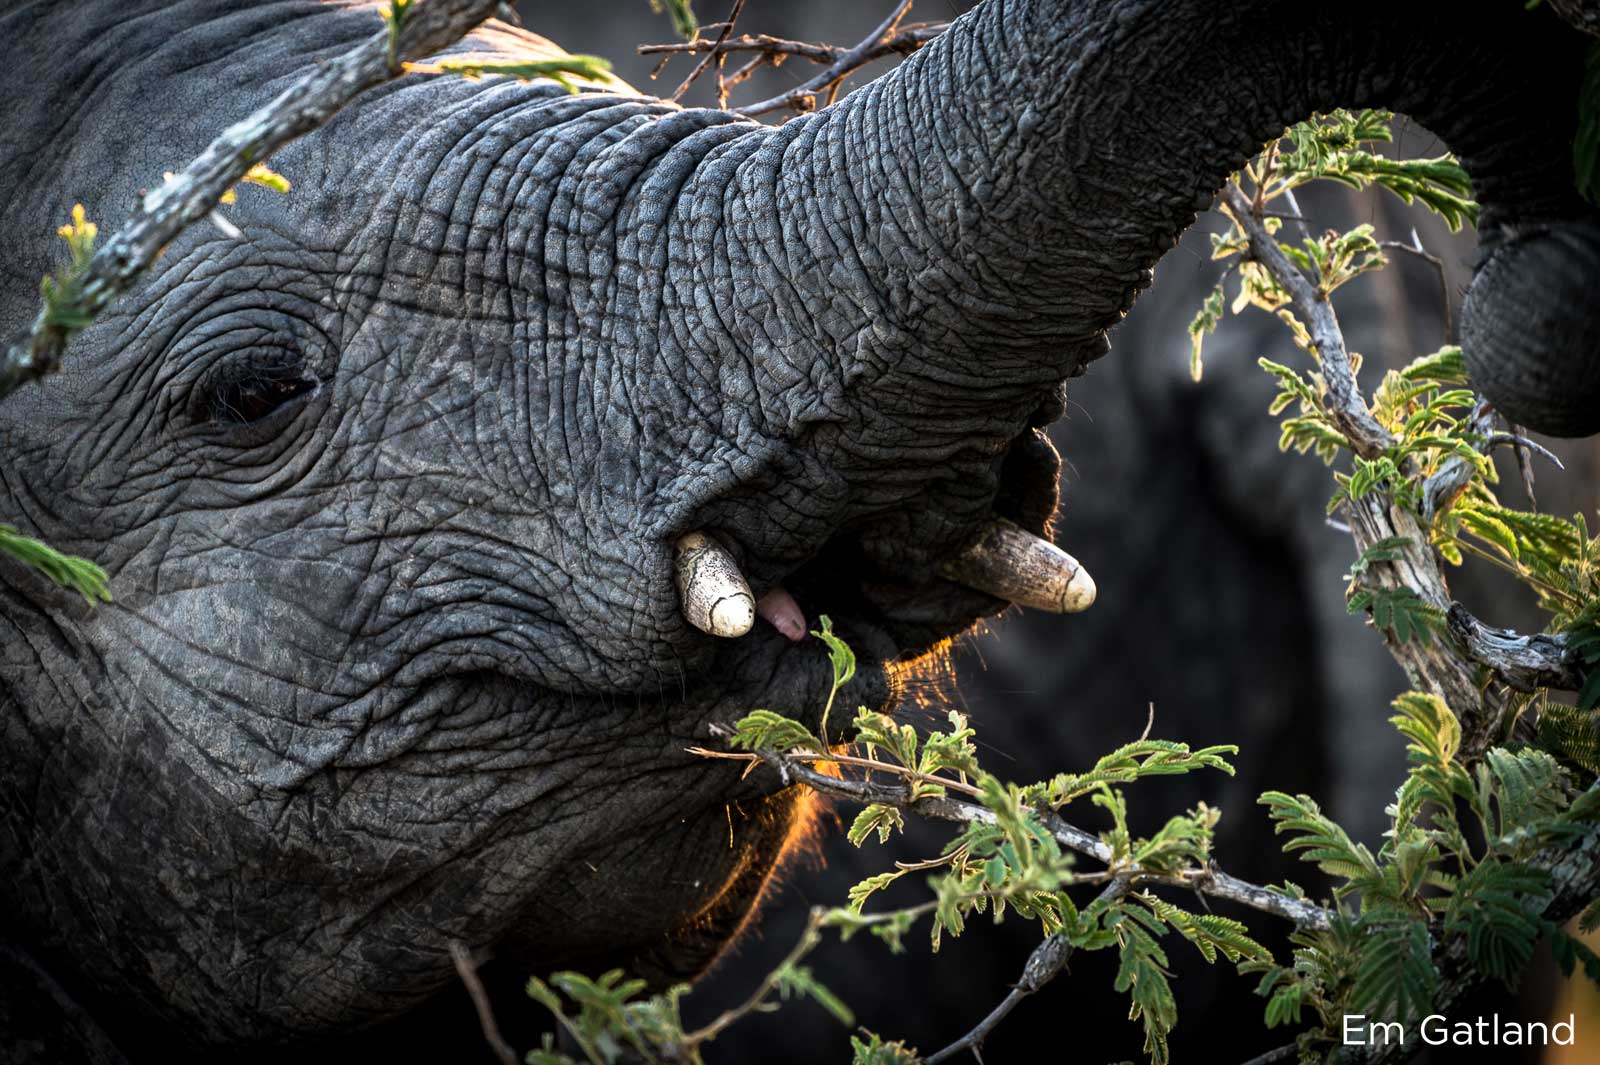 Elephants Translocated, 500 Elephants Translocated in Malawi